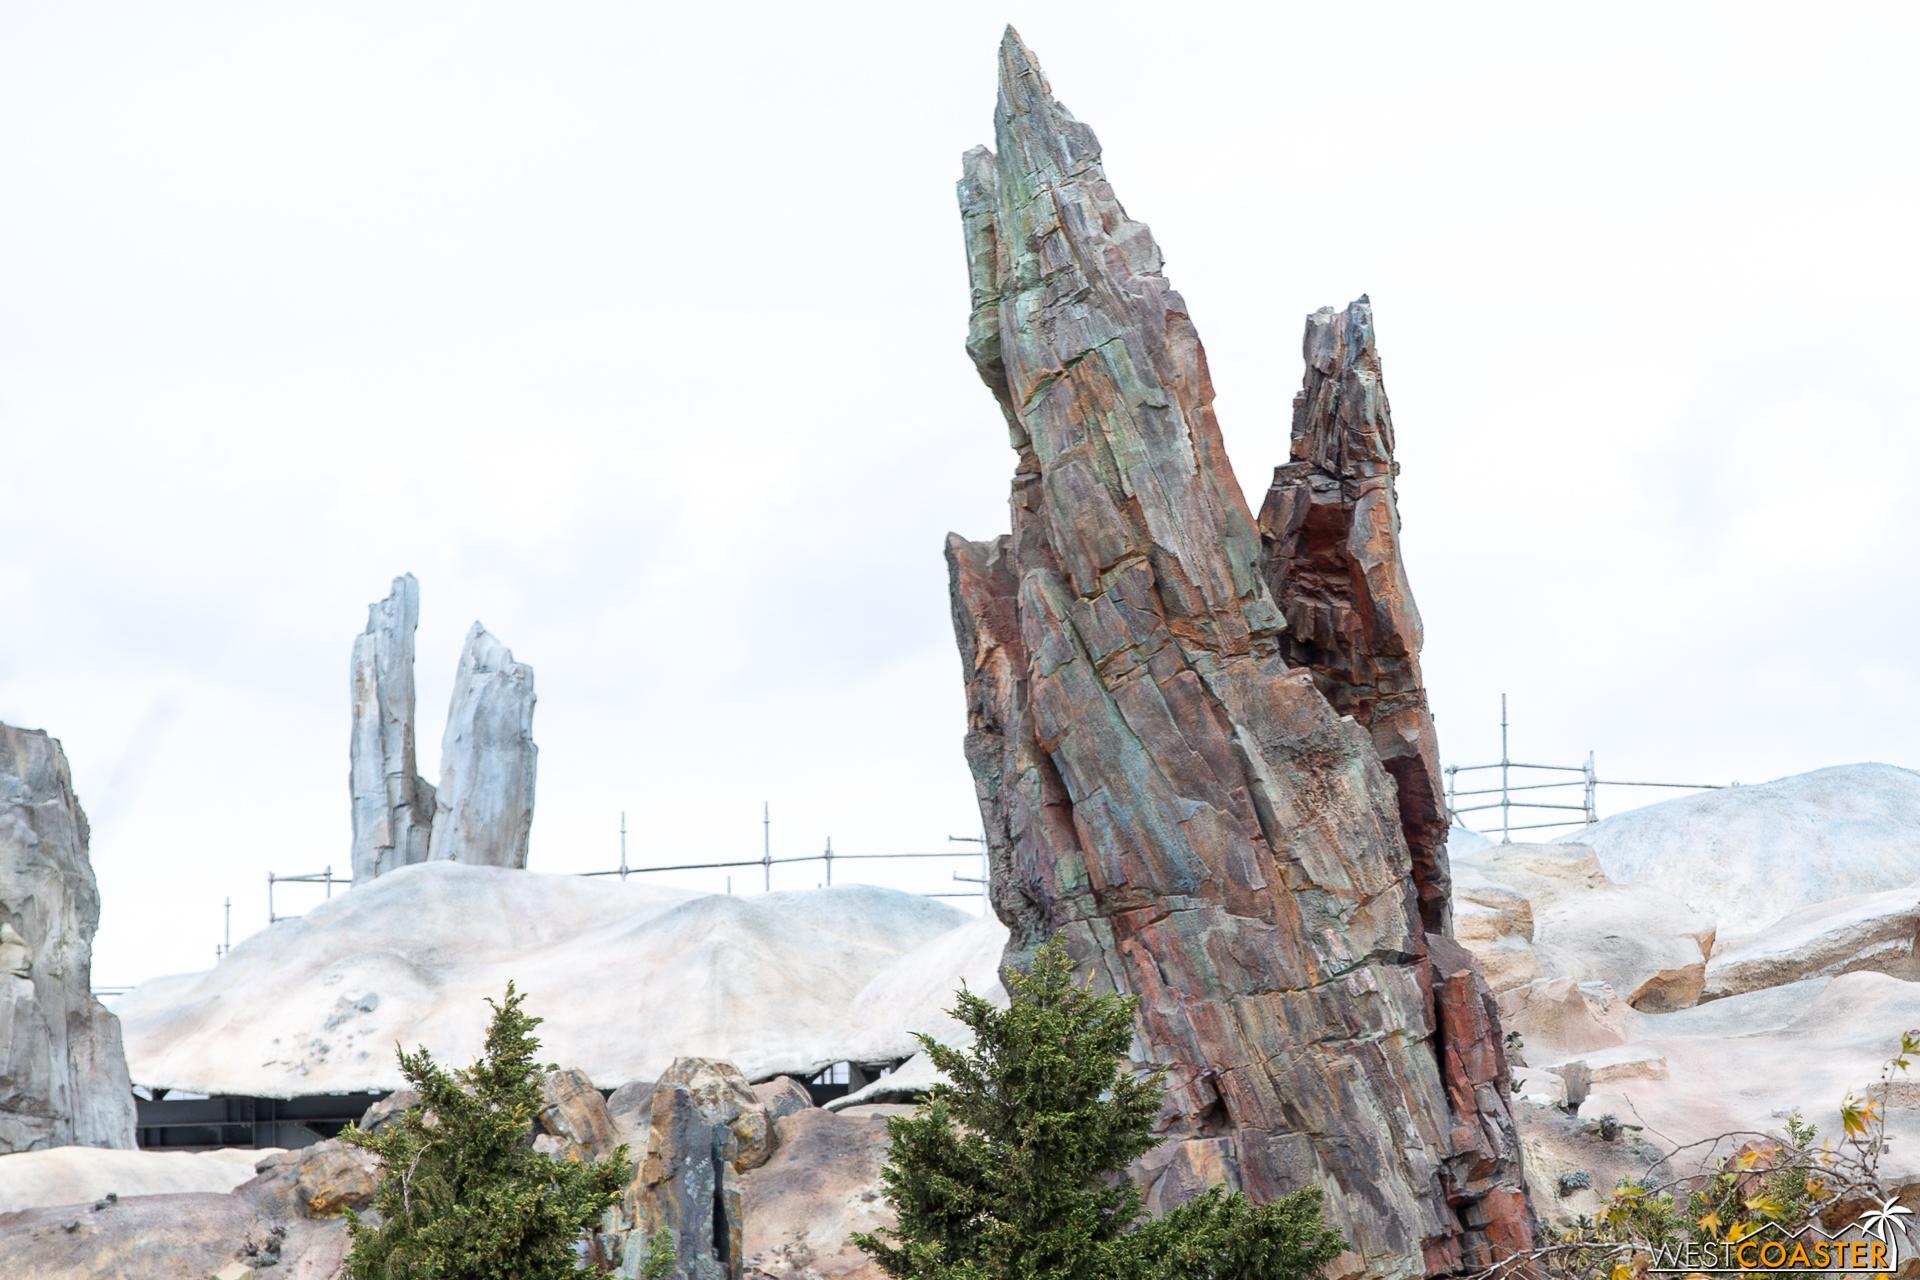 Westcoaster Disneyland Update 2-19-29.jpg